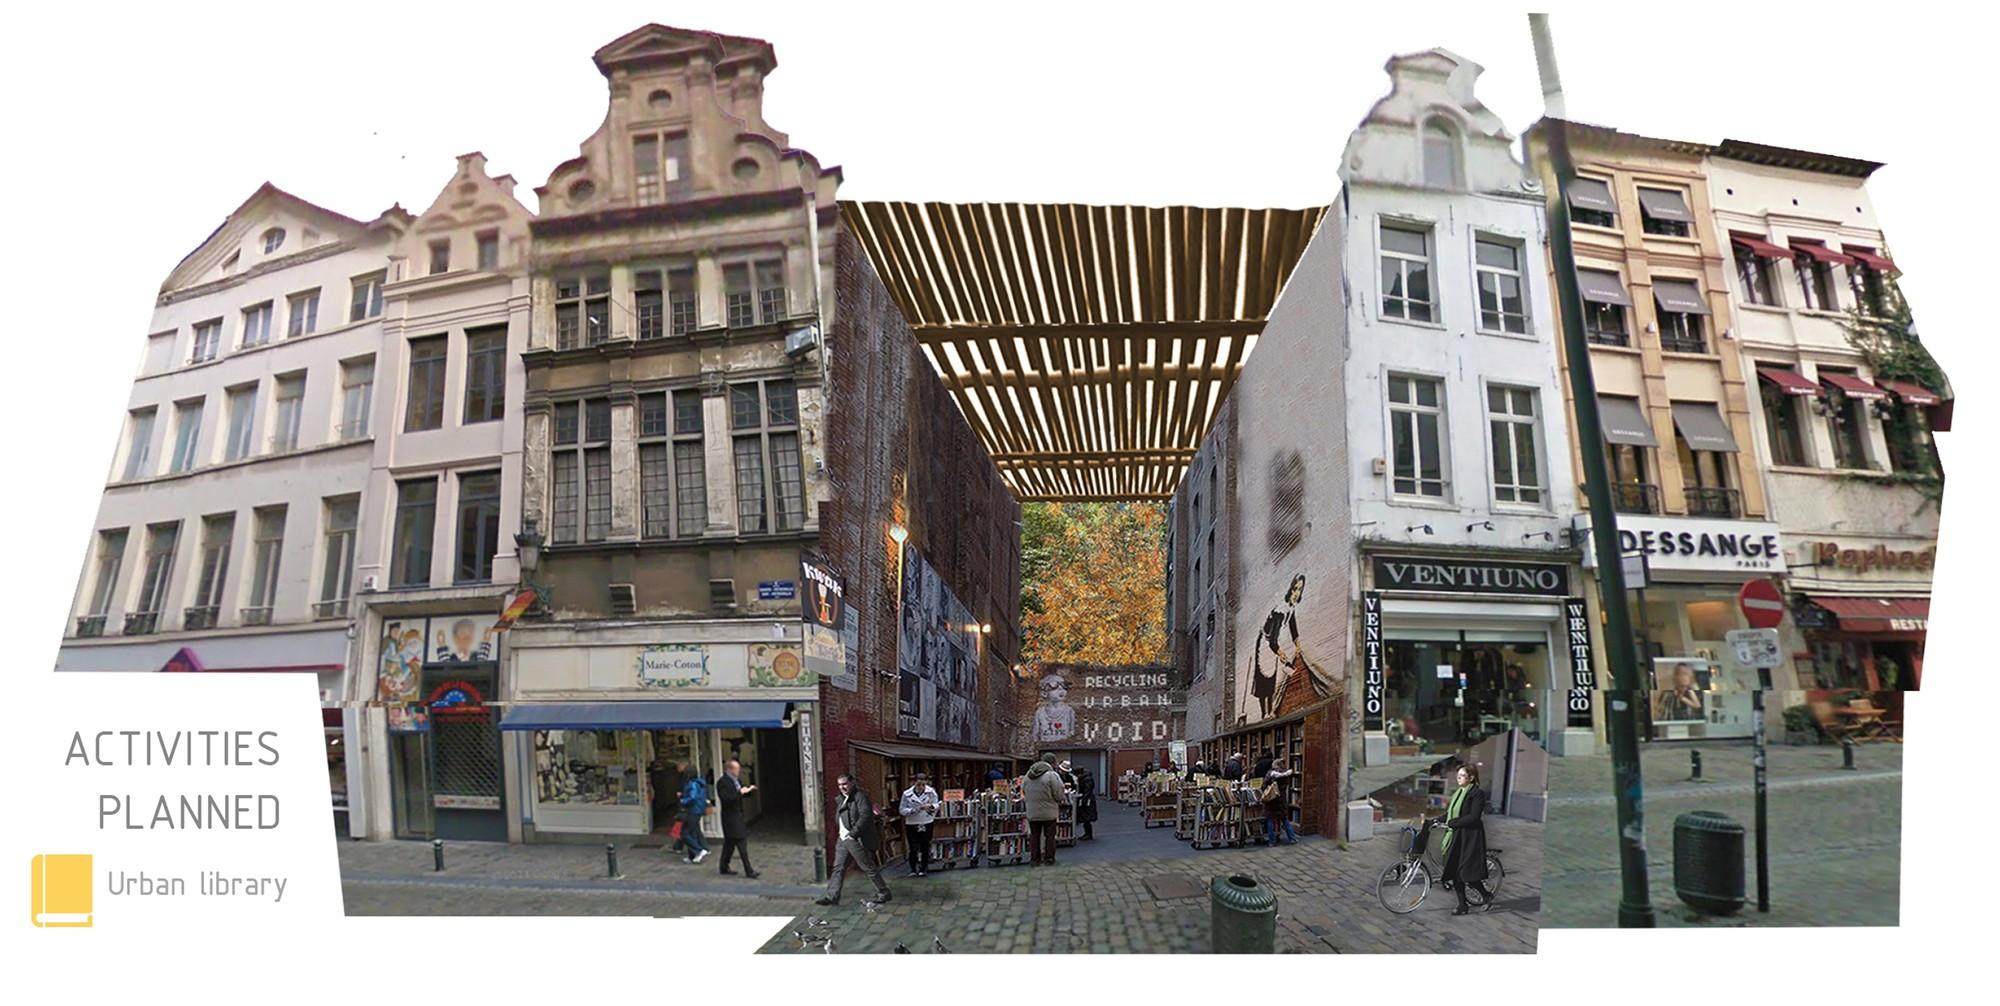 Bruselas [Después]. Image Courtesy of Aula de Arquitectura Social AAS UCAM